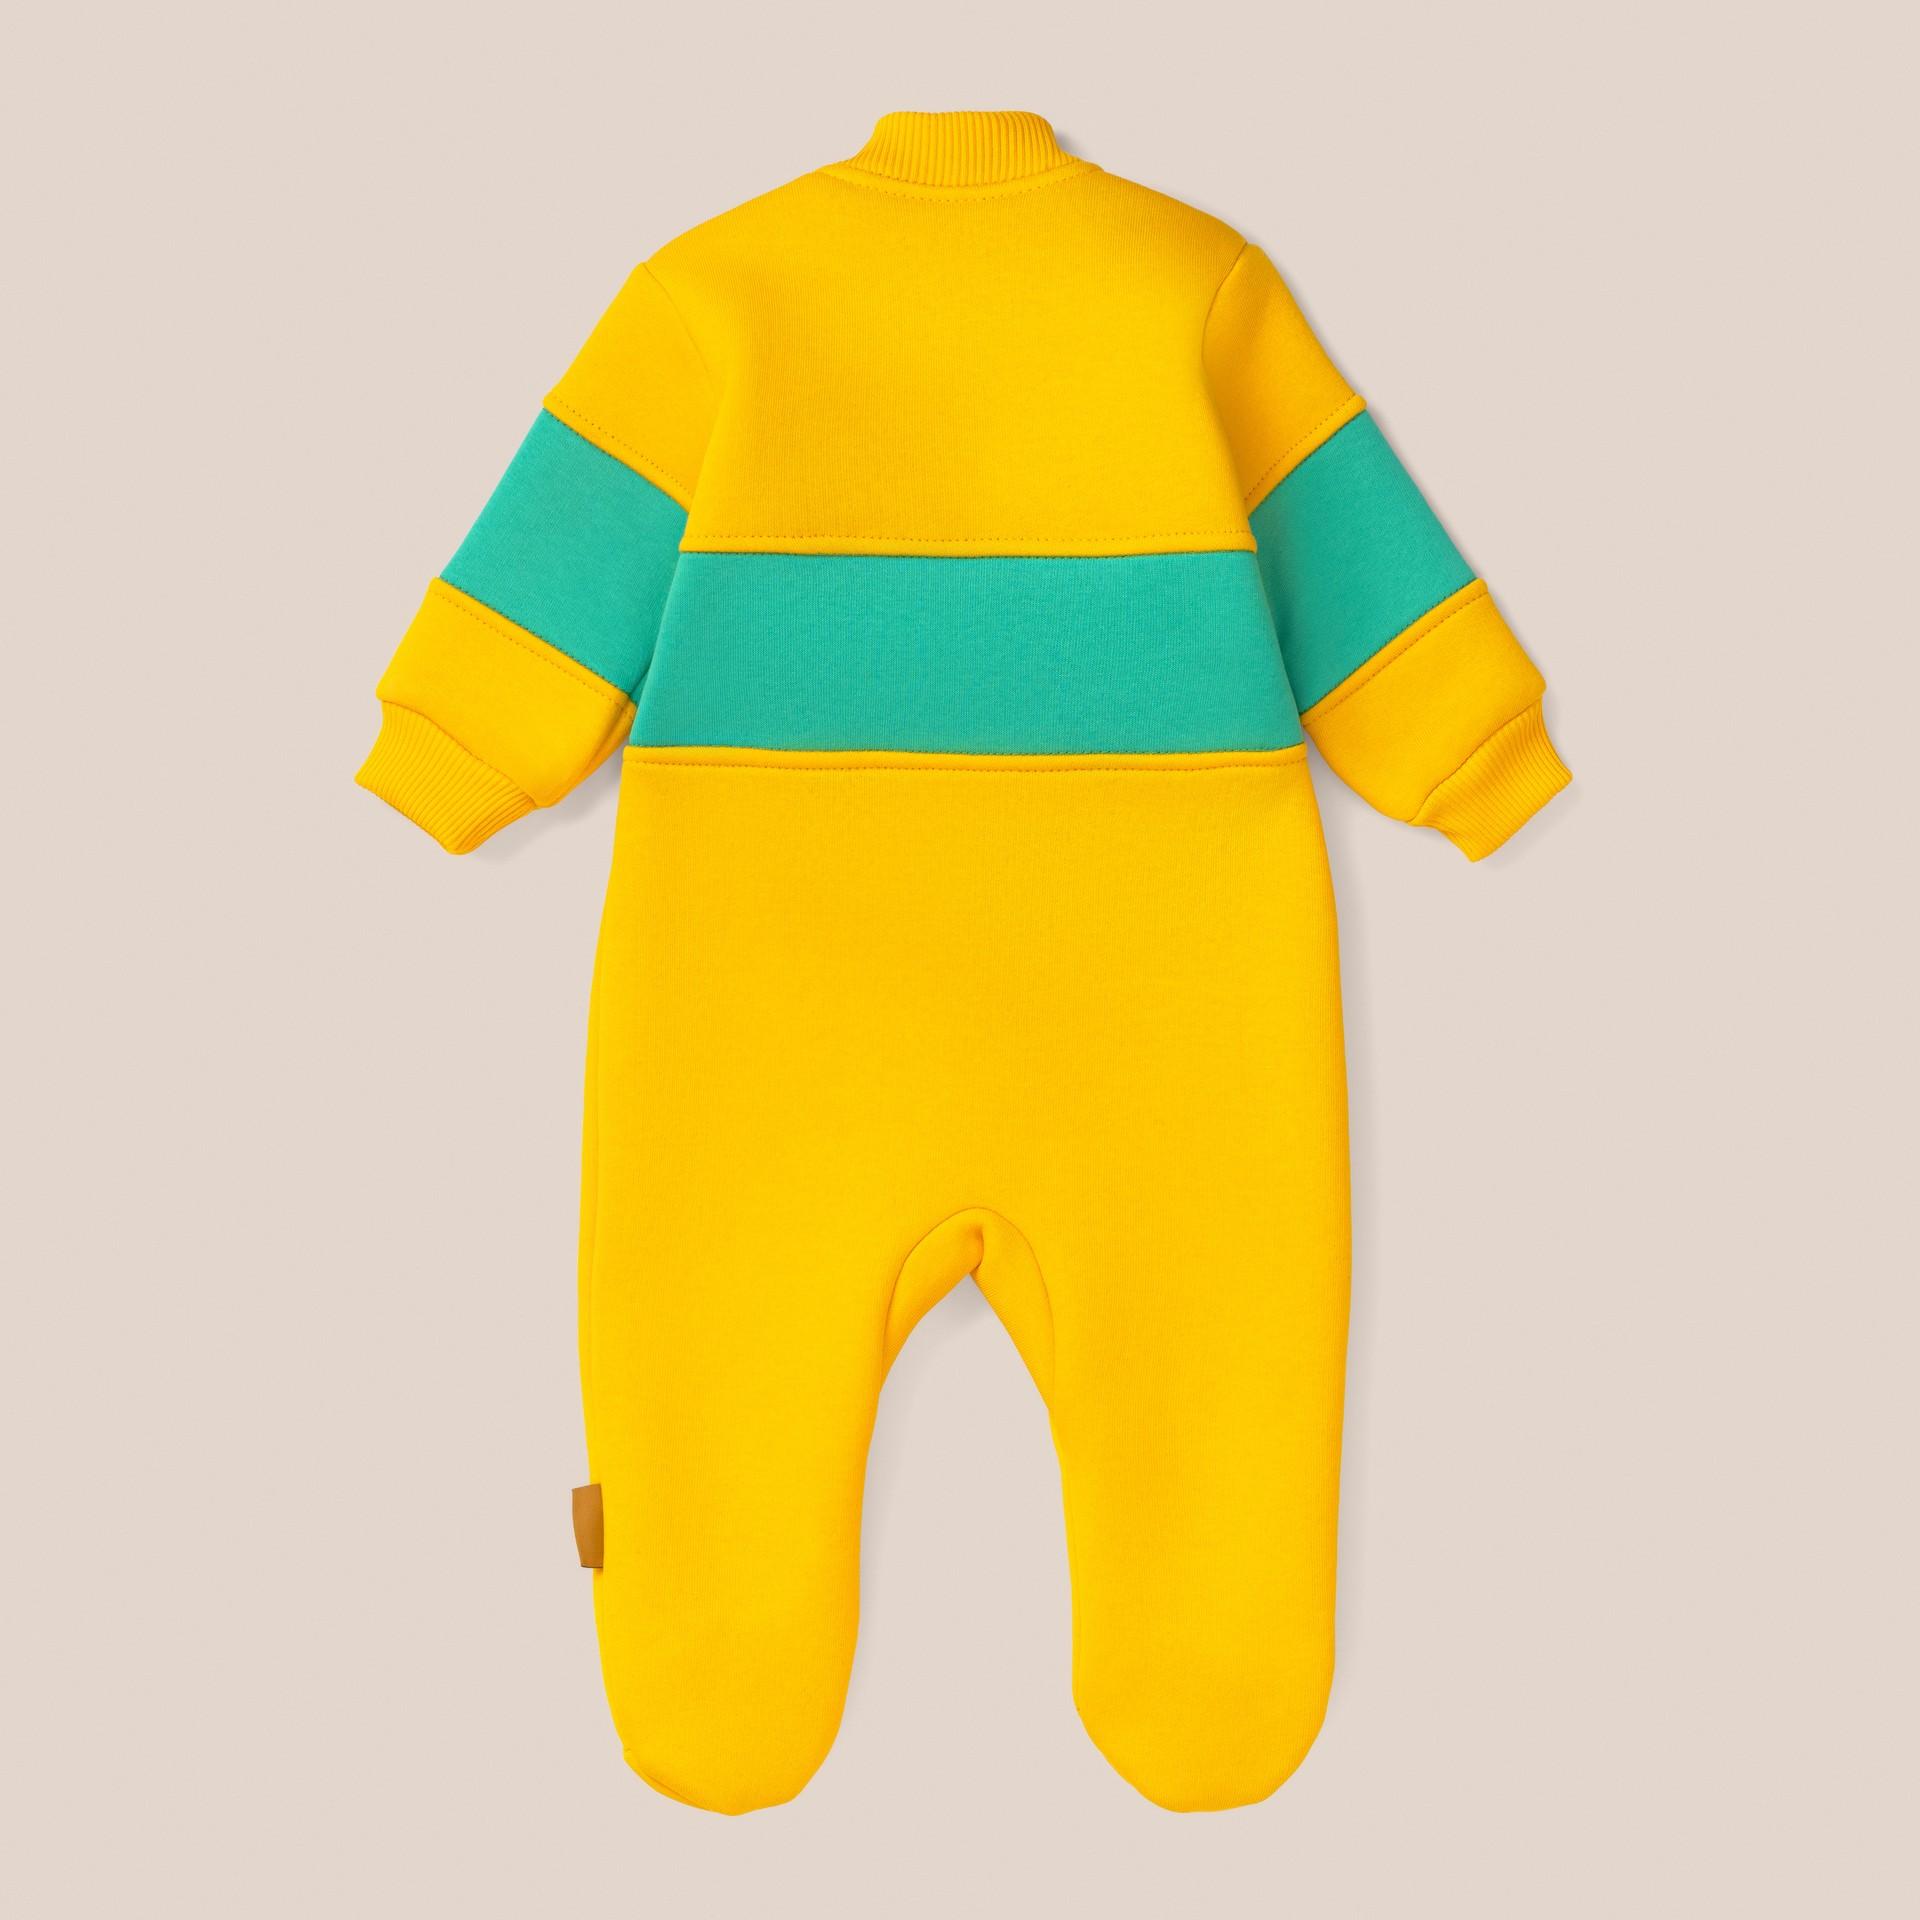 312017, Комбинезон детский трехцветный от магазина Lemive